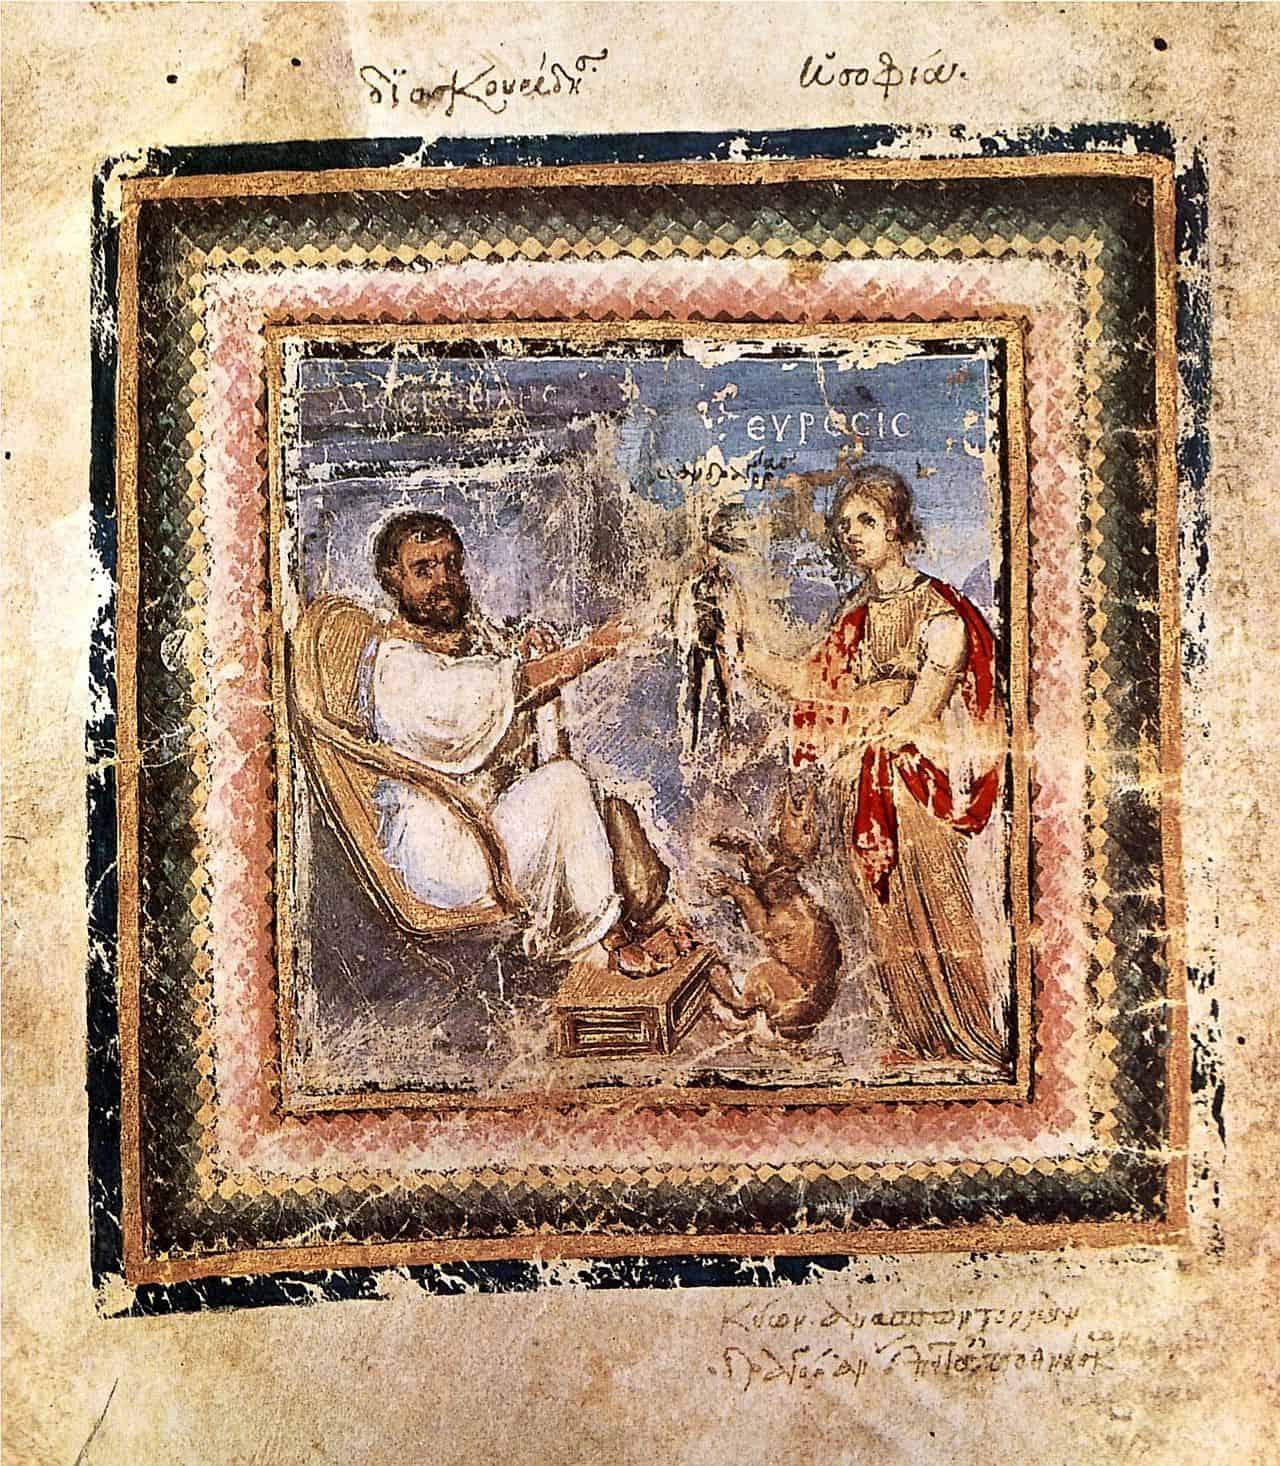 Dioscorides